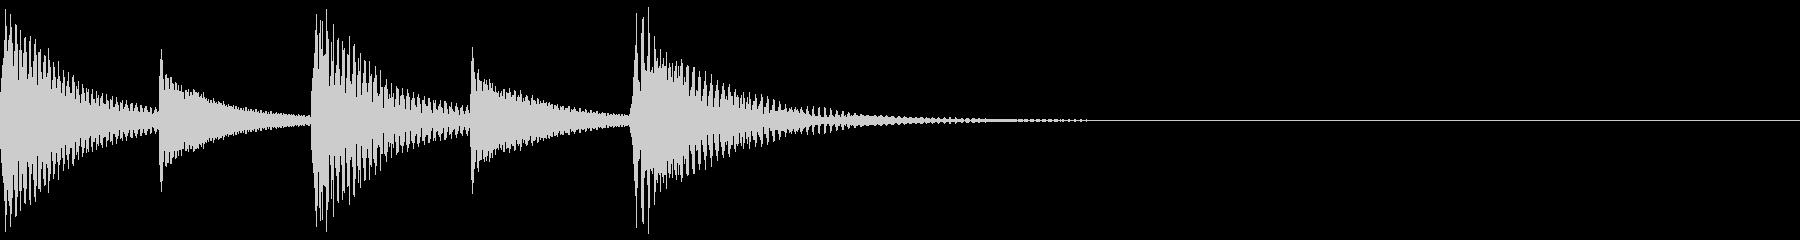 軽快なシーン切替、人物リアクション09の未再生の波形